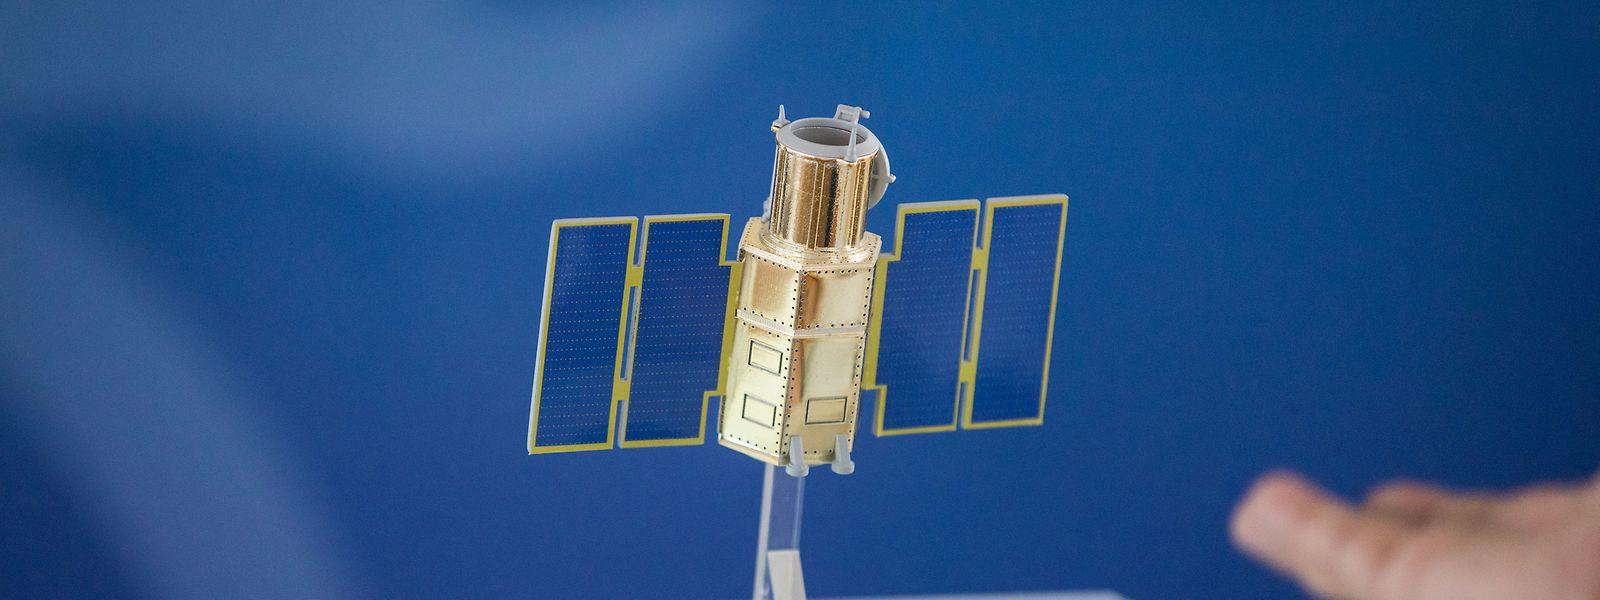 Die Kosten für den Observationssatelliten LUXEOSys (hier ein Modell) könnten sich auf bis zu 309 Millionen Euro belaufen.